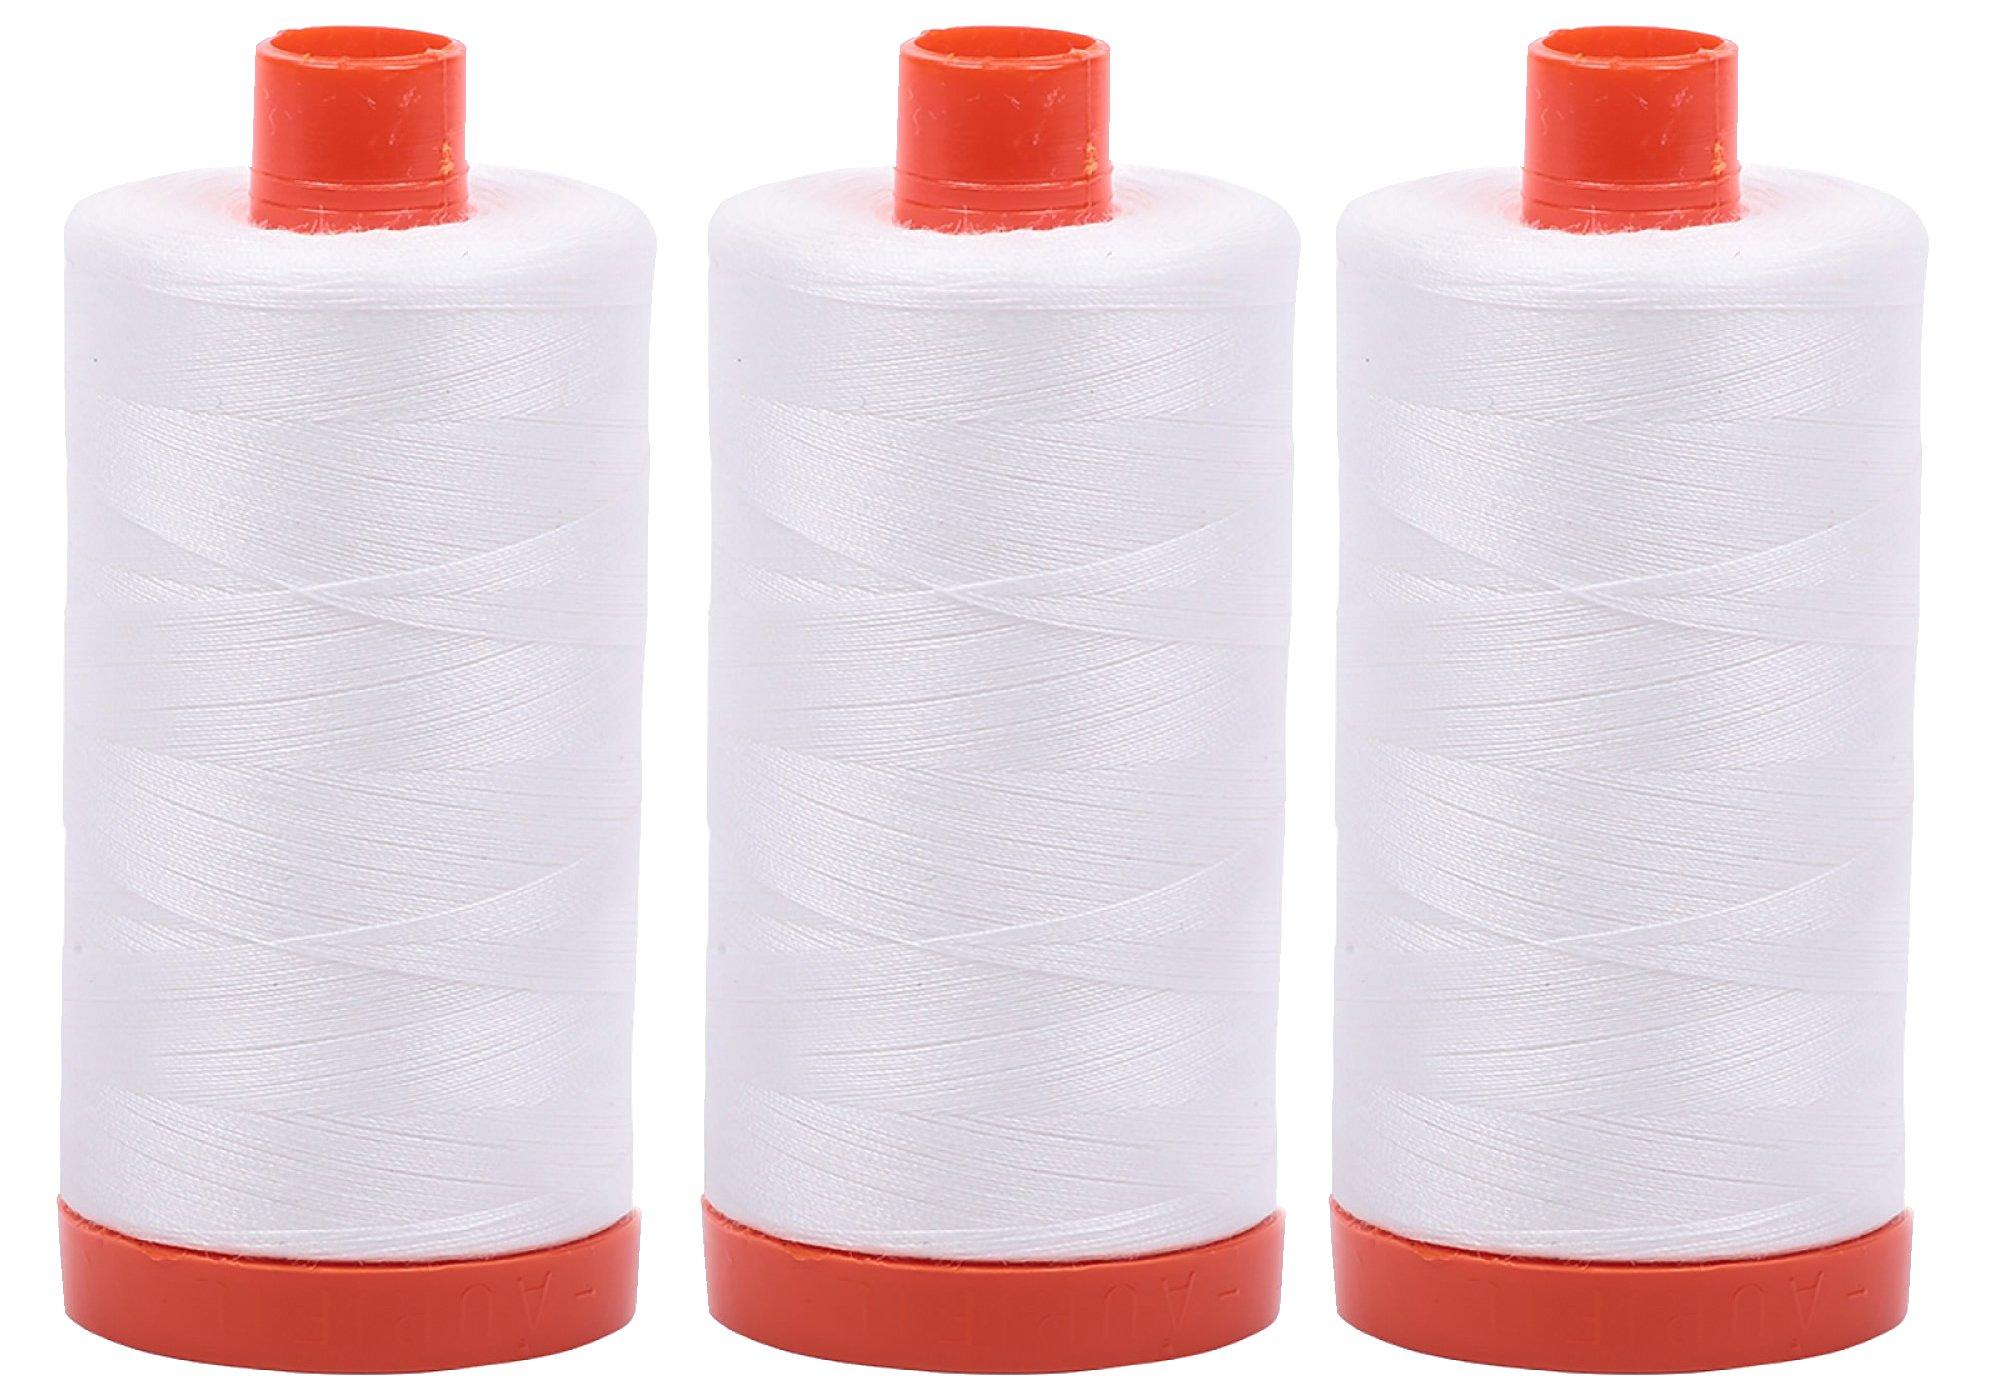 3-PACK - Aurifil 50WT - Natural White, Solid - Mako Cotton Thread - 1422Yds EACH - MK50-2021 by Aurifil